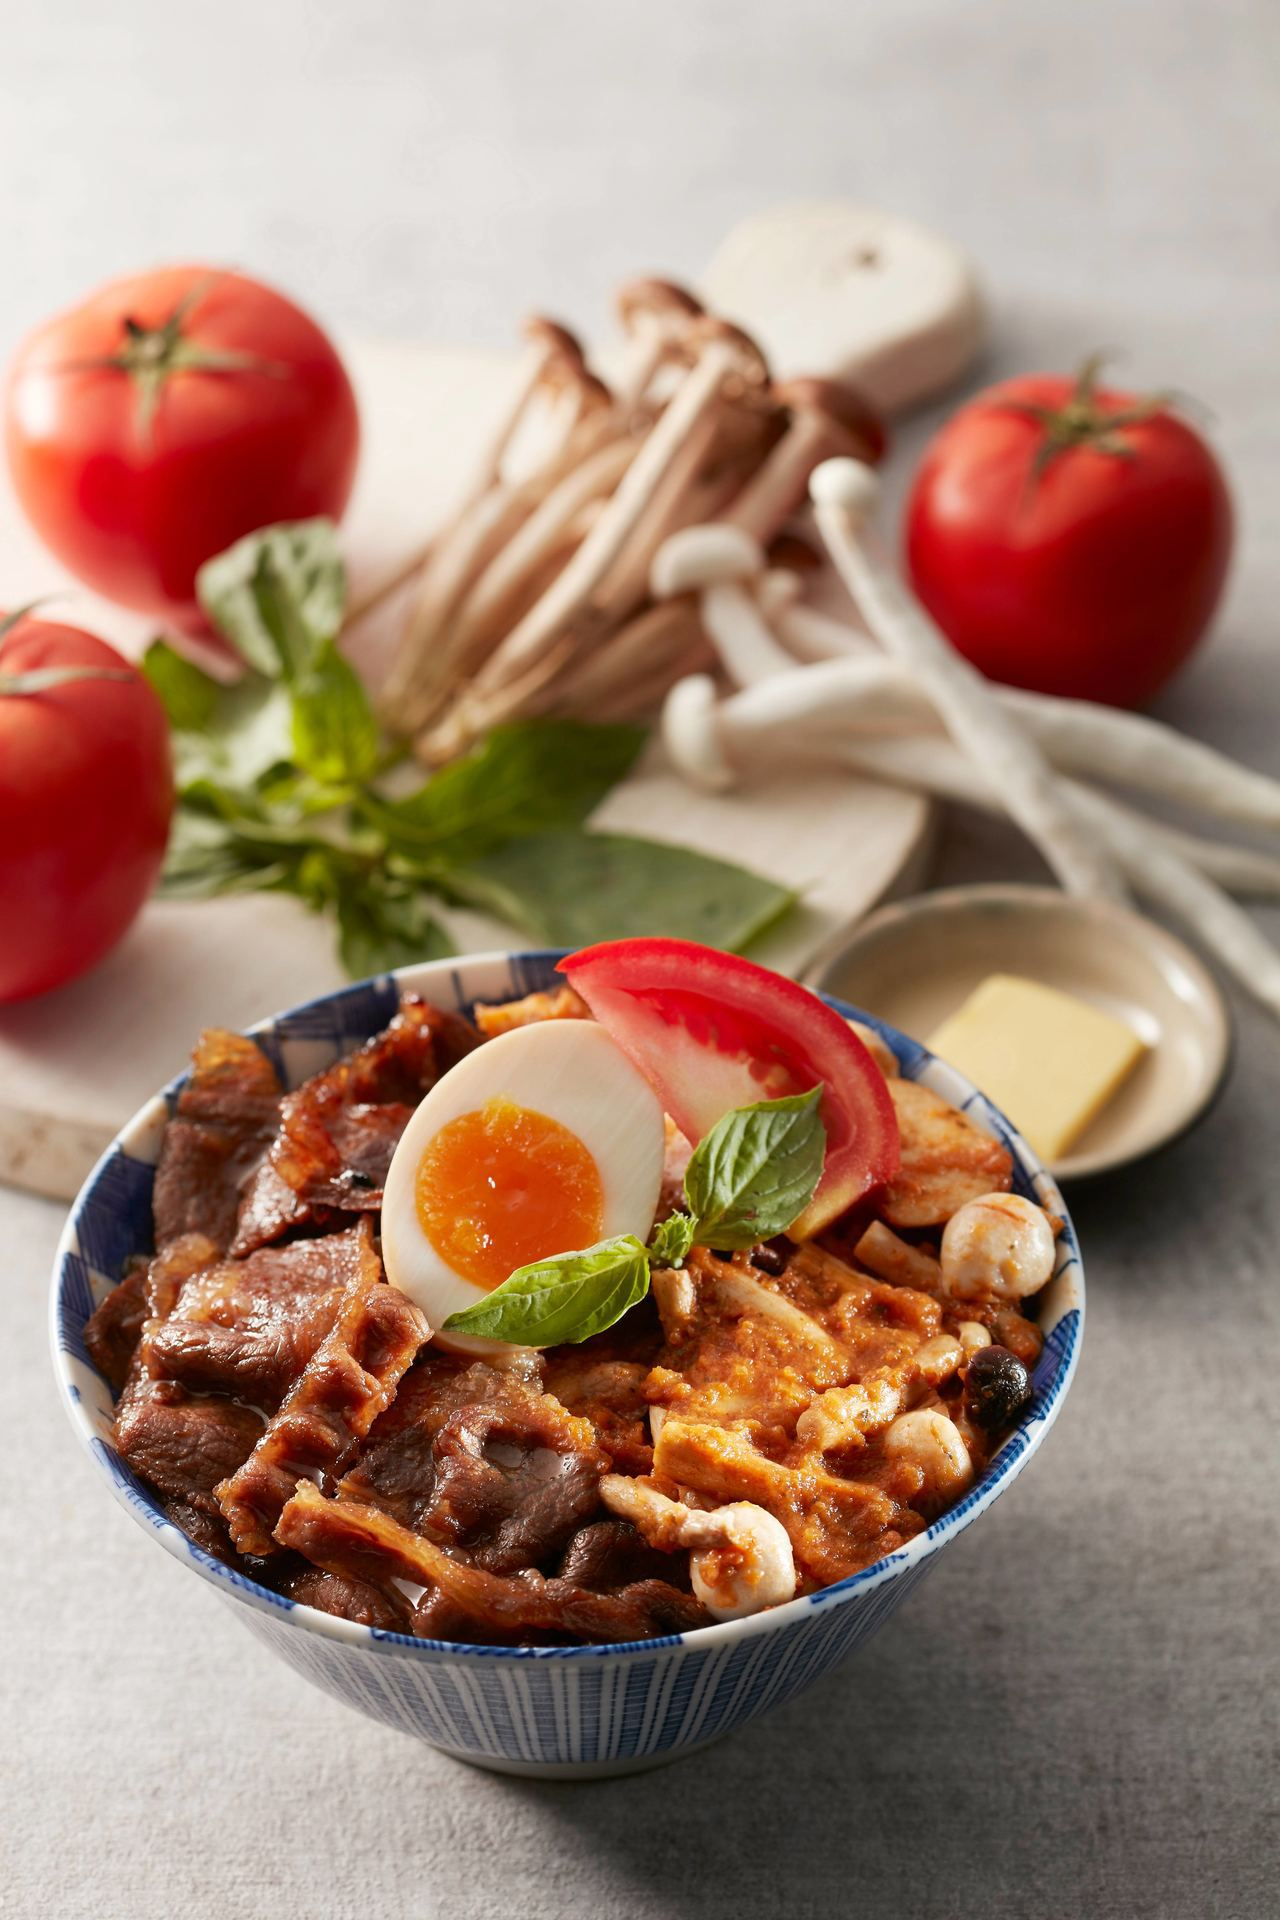 開丼首次針對義式口味推出的西西里紅醬燒肉丼。圖/開丼提供